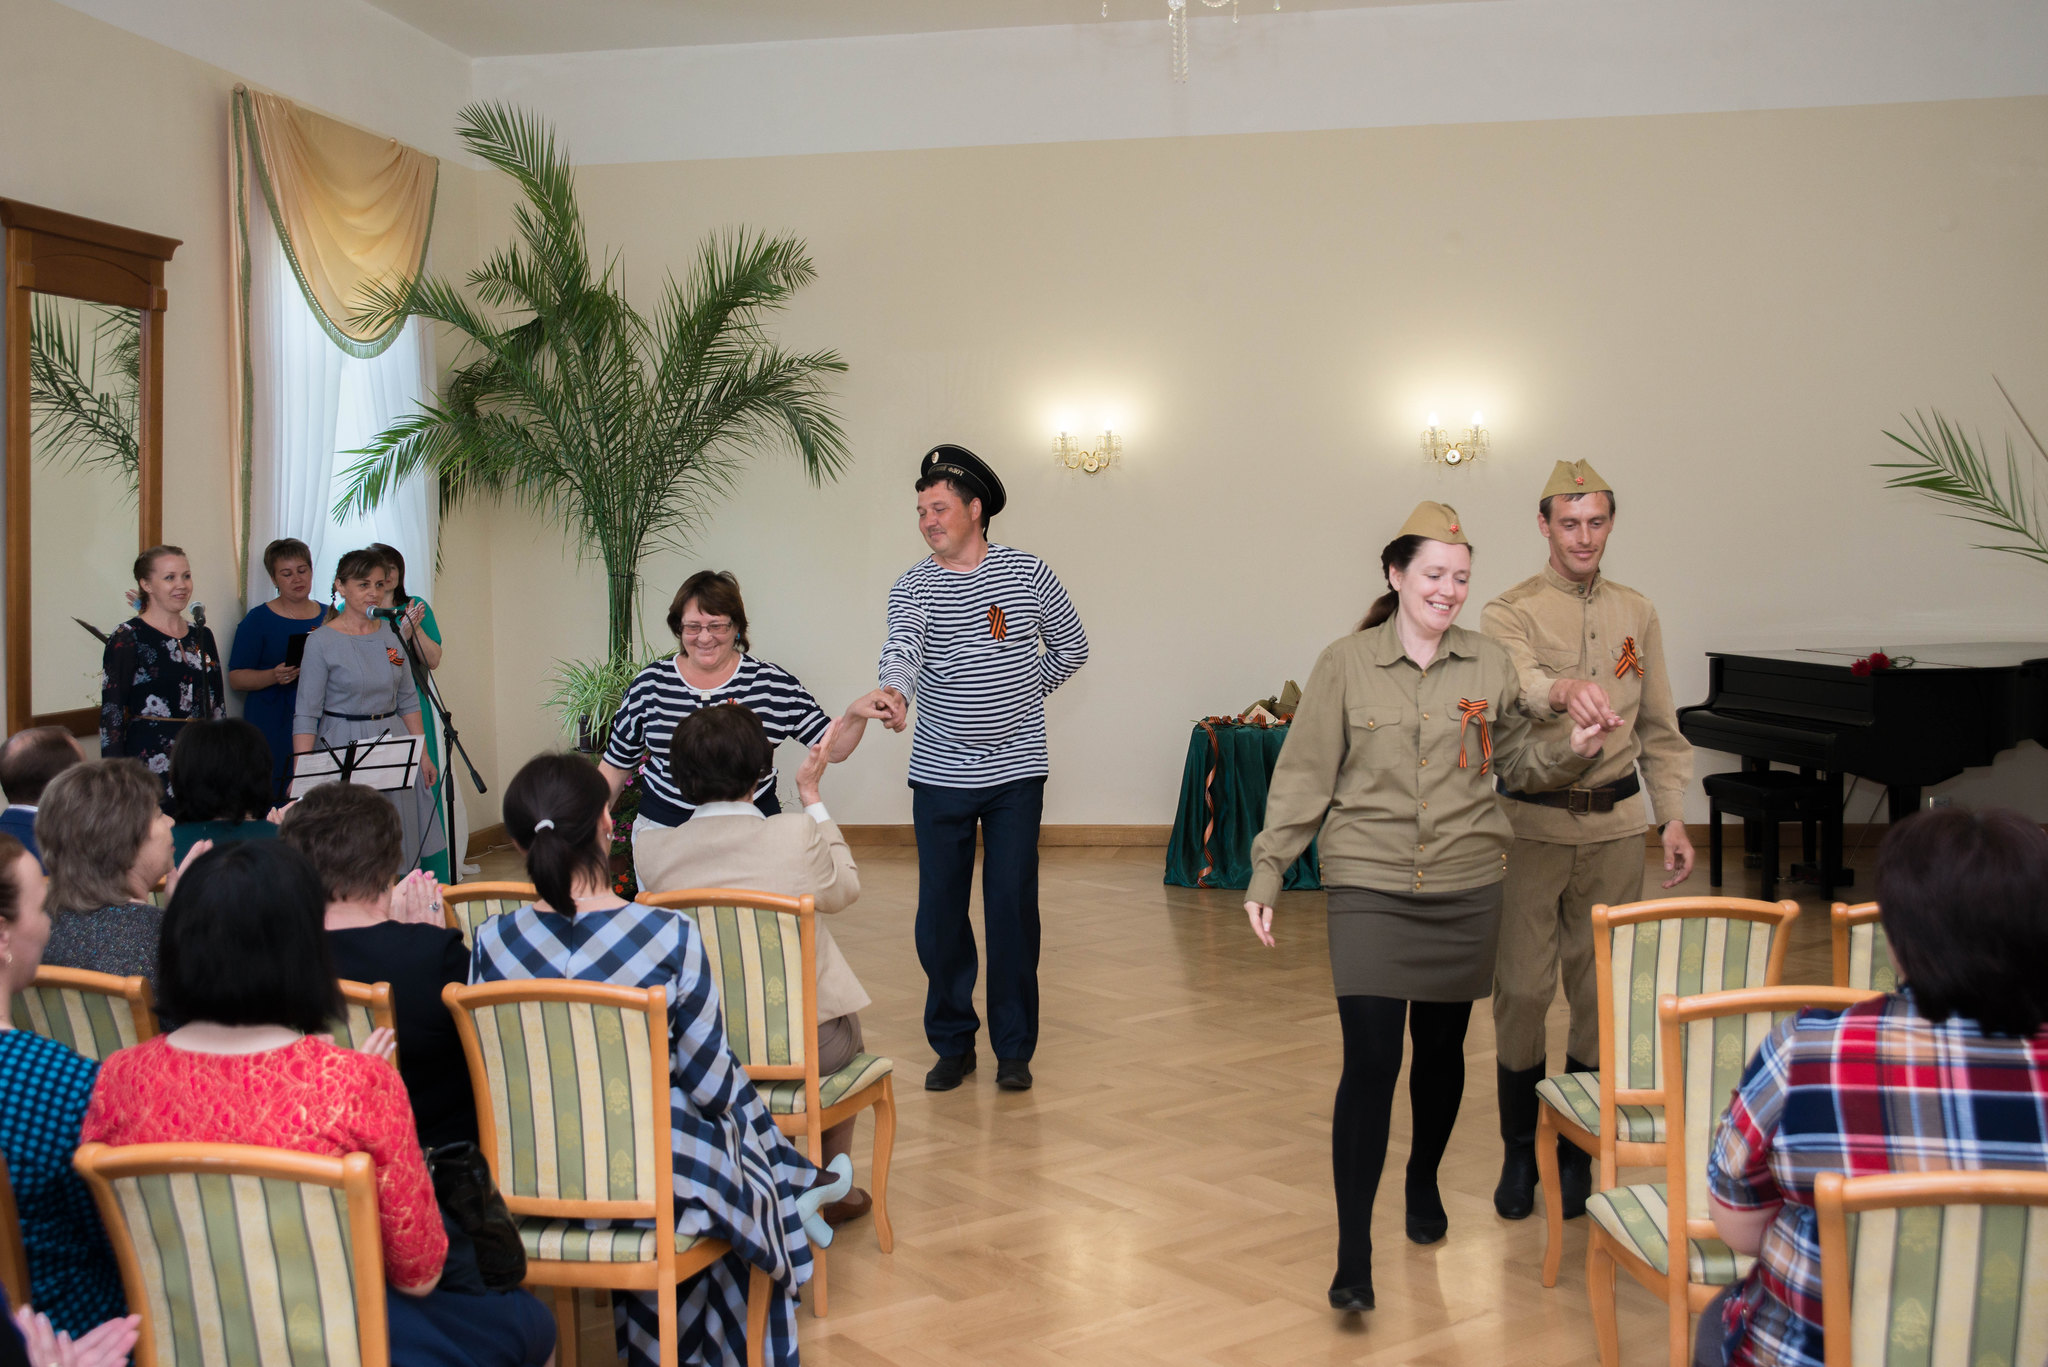 Фестиваль патриотической песни «Виктория», посвященный 73-й годовщине Великой Победы в Великой Отечественной войне 8 мая 2018 года в музее «Тарханы»